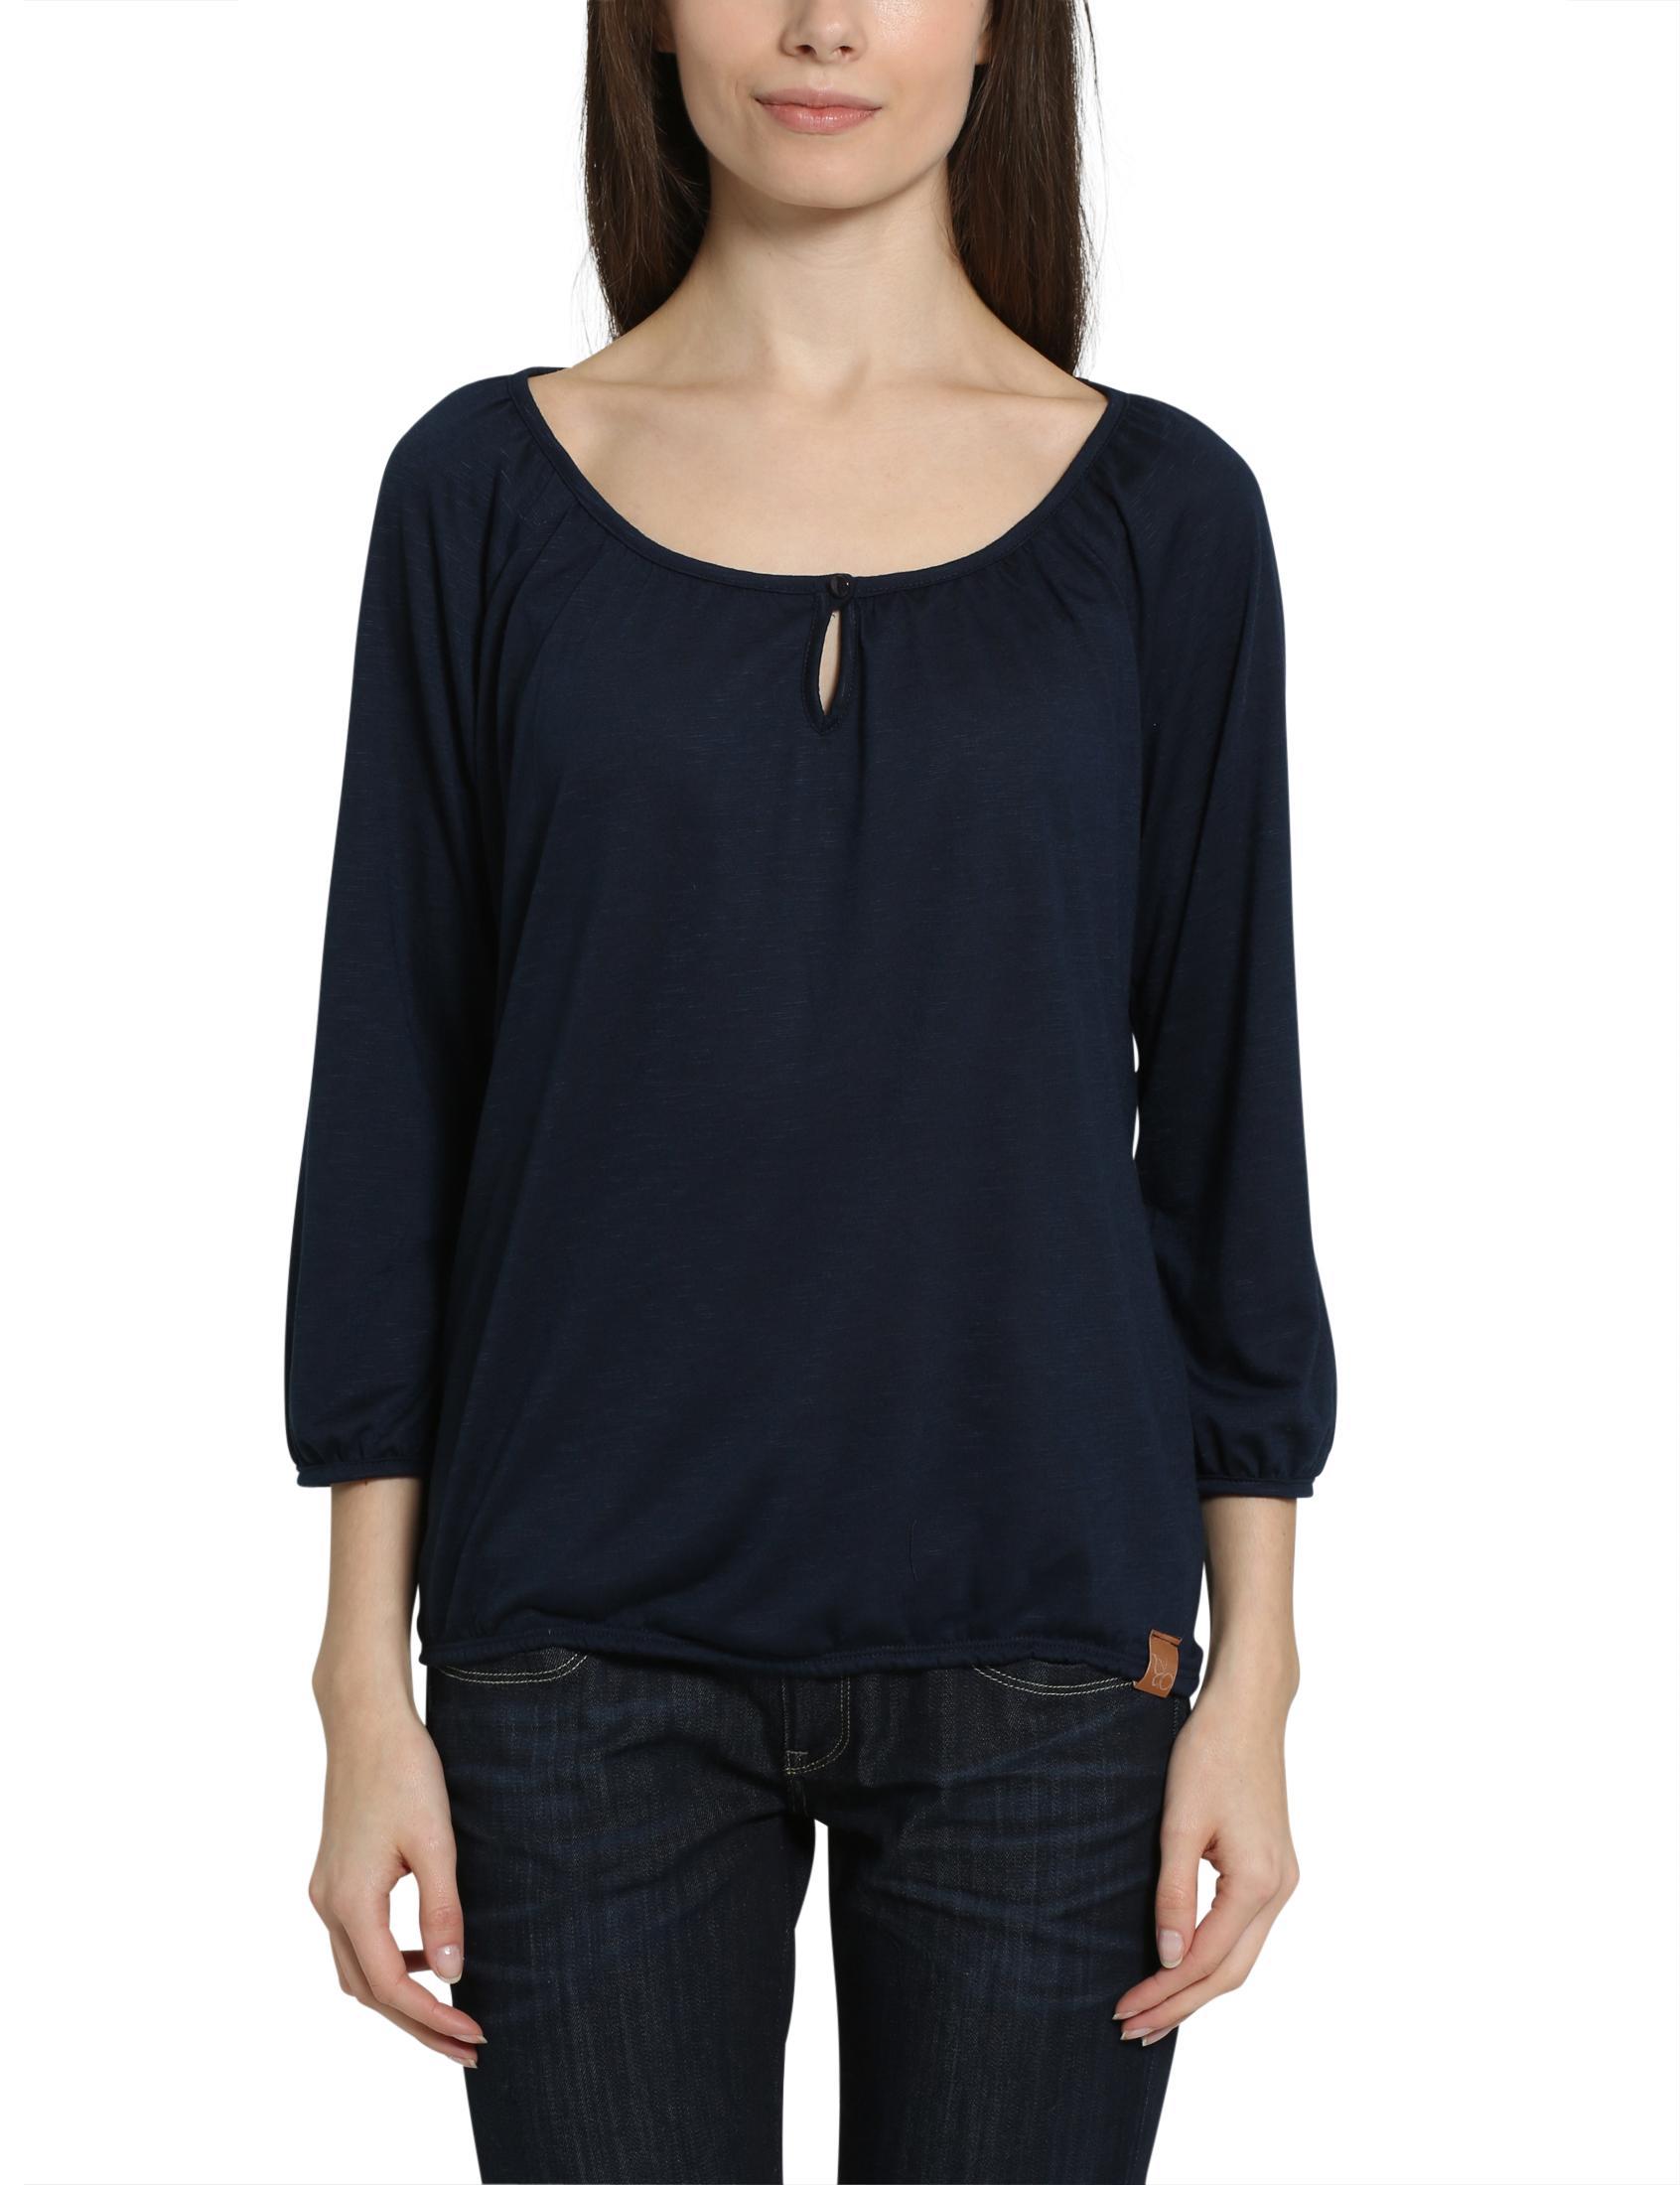 Berydale Damen Shirt mit elastischem Bund, Beige, Gr. 36